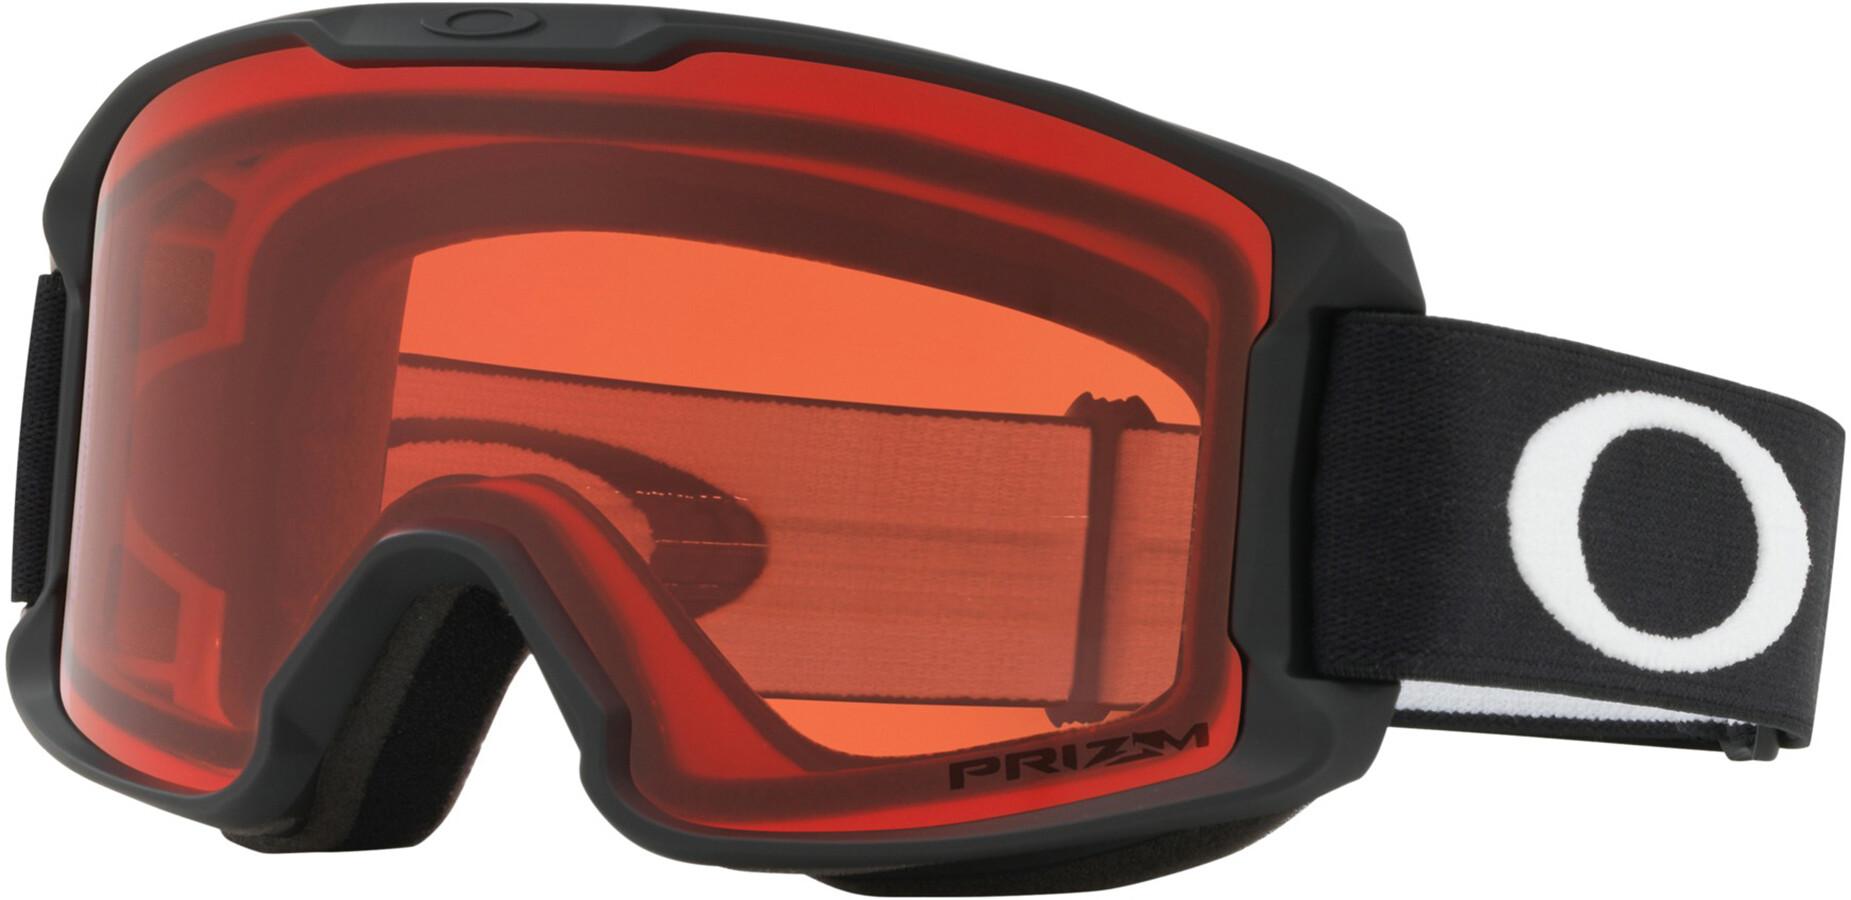 31c2623628 Oakley Line Miner - Gafas de esquí Niños - rojo/negro | Campz.es